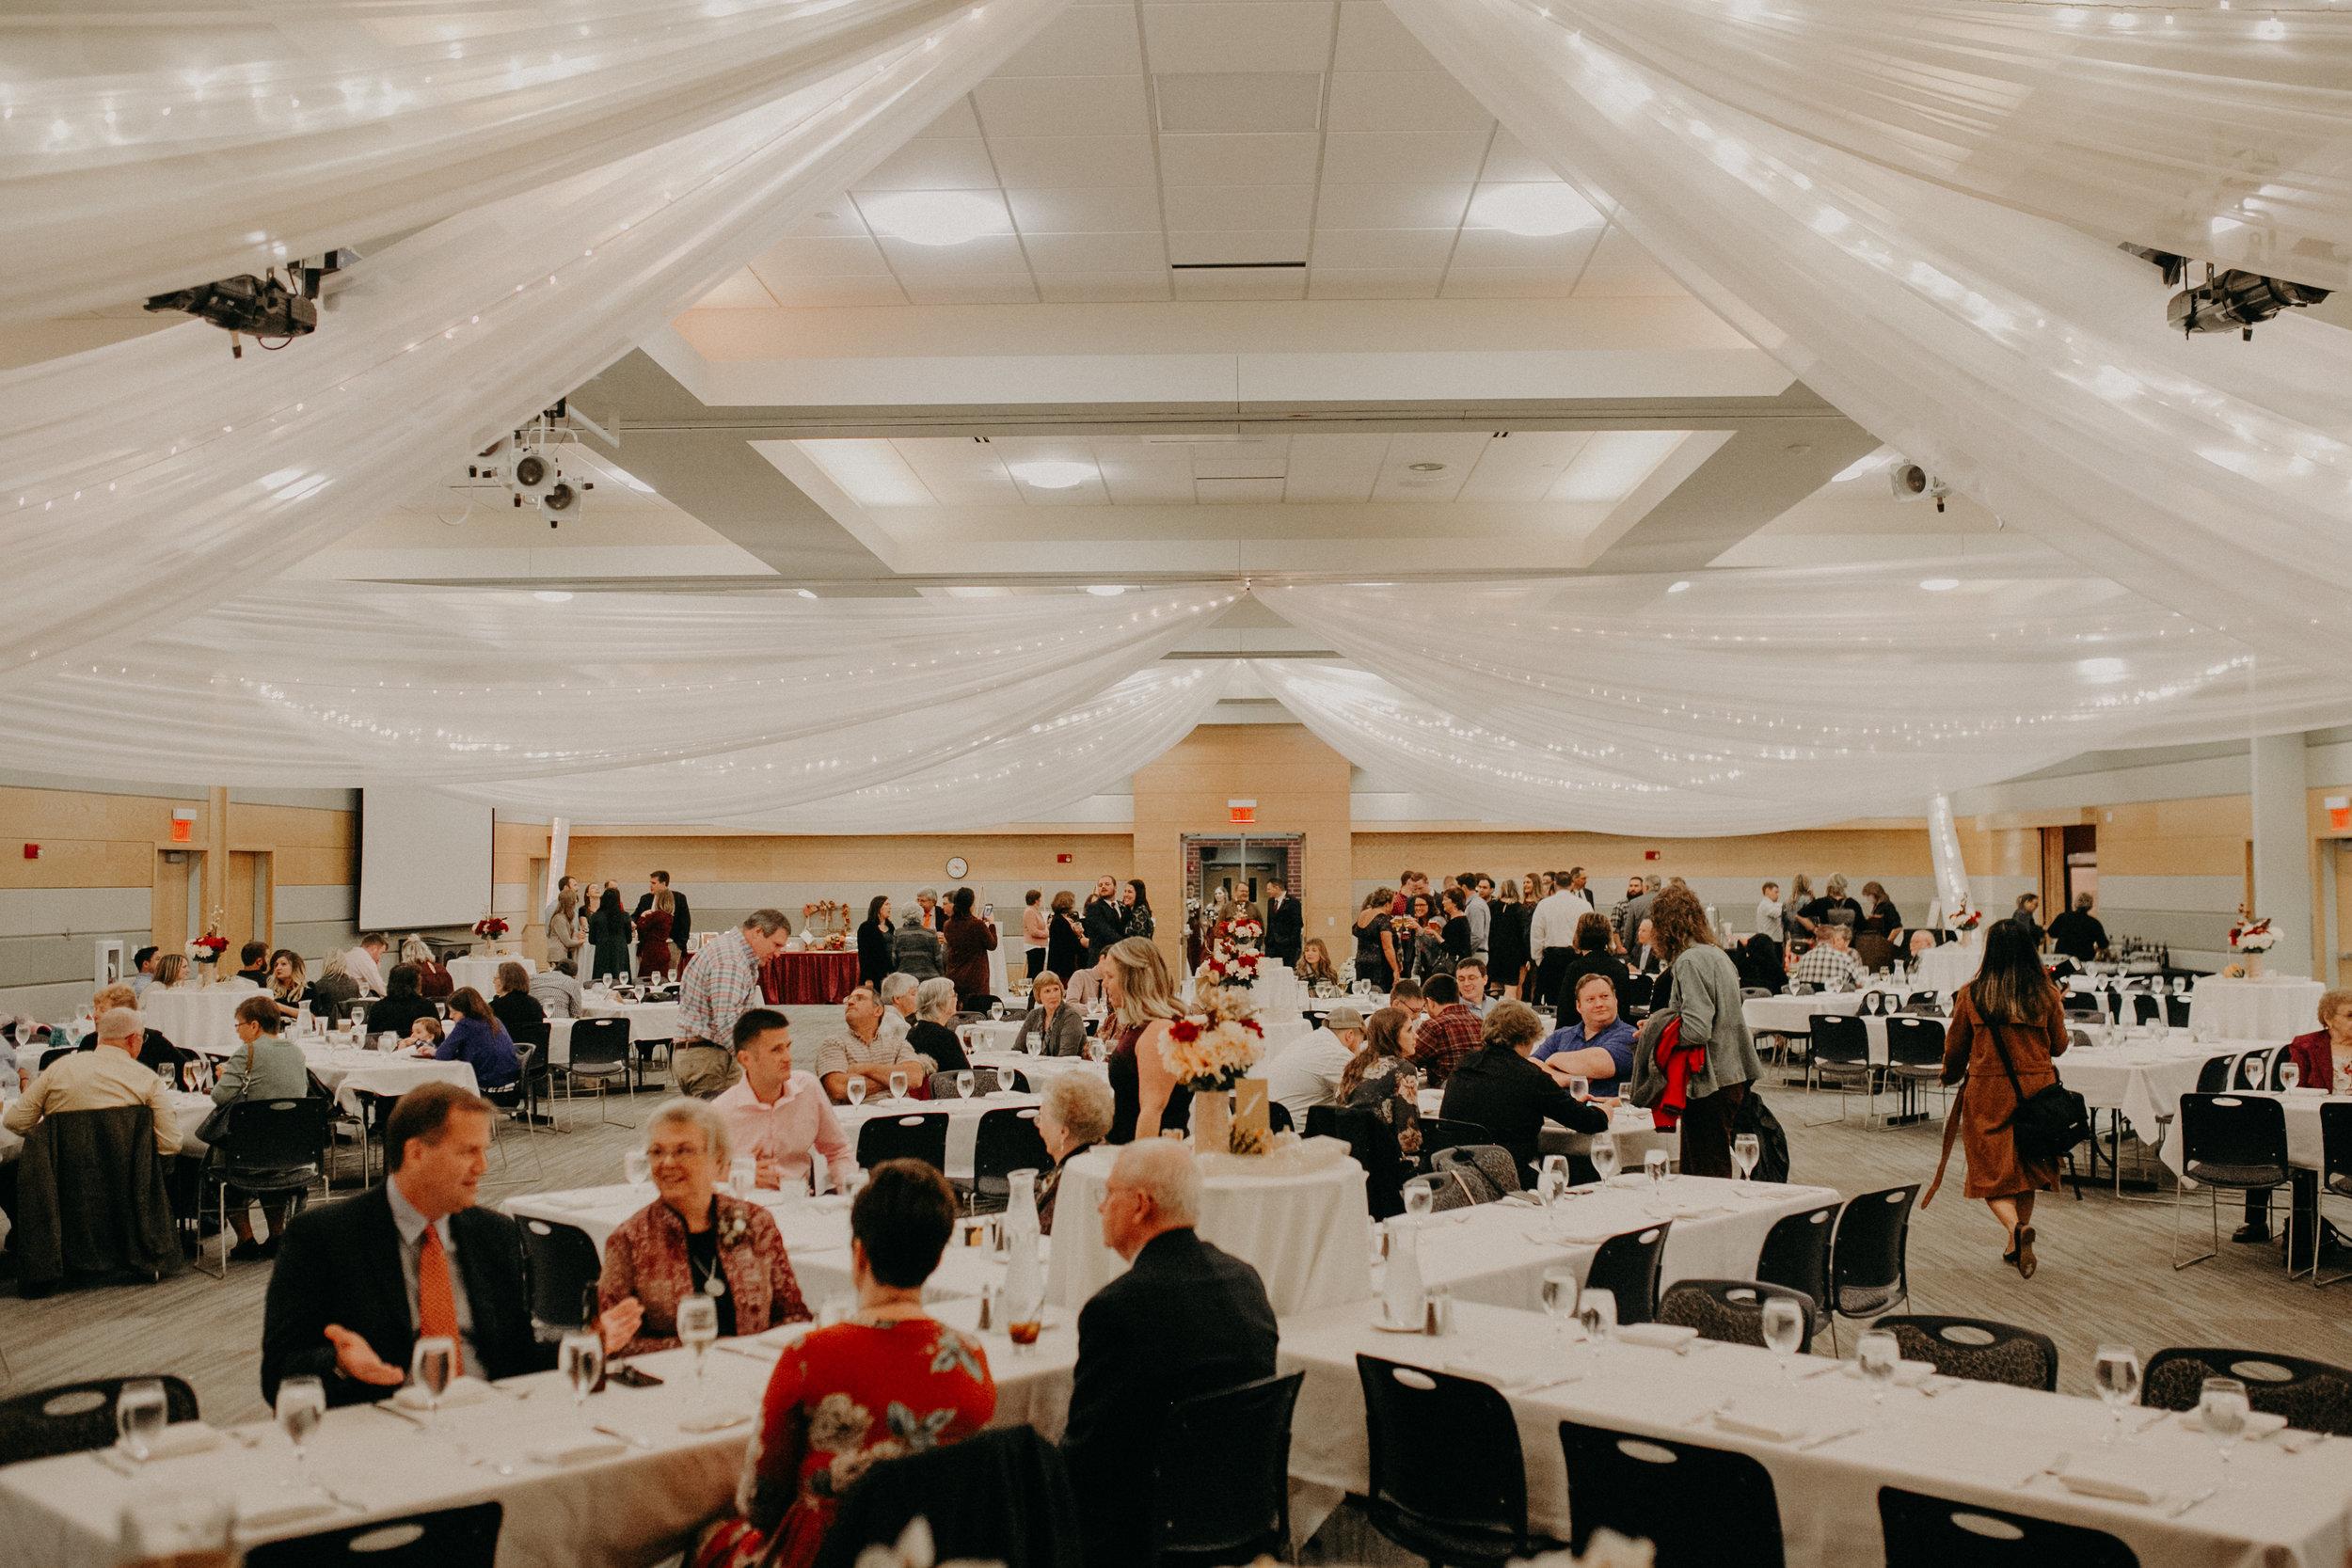 uwrf-wedding-reception-river-falls